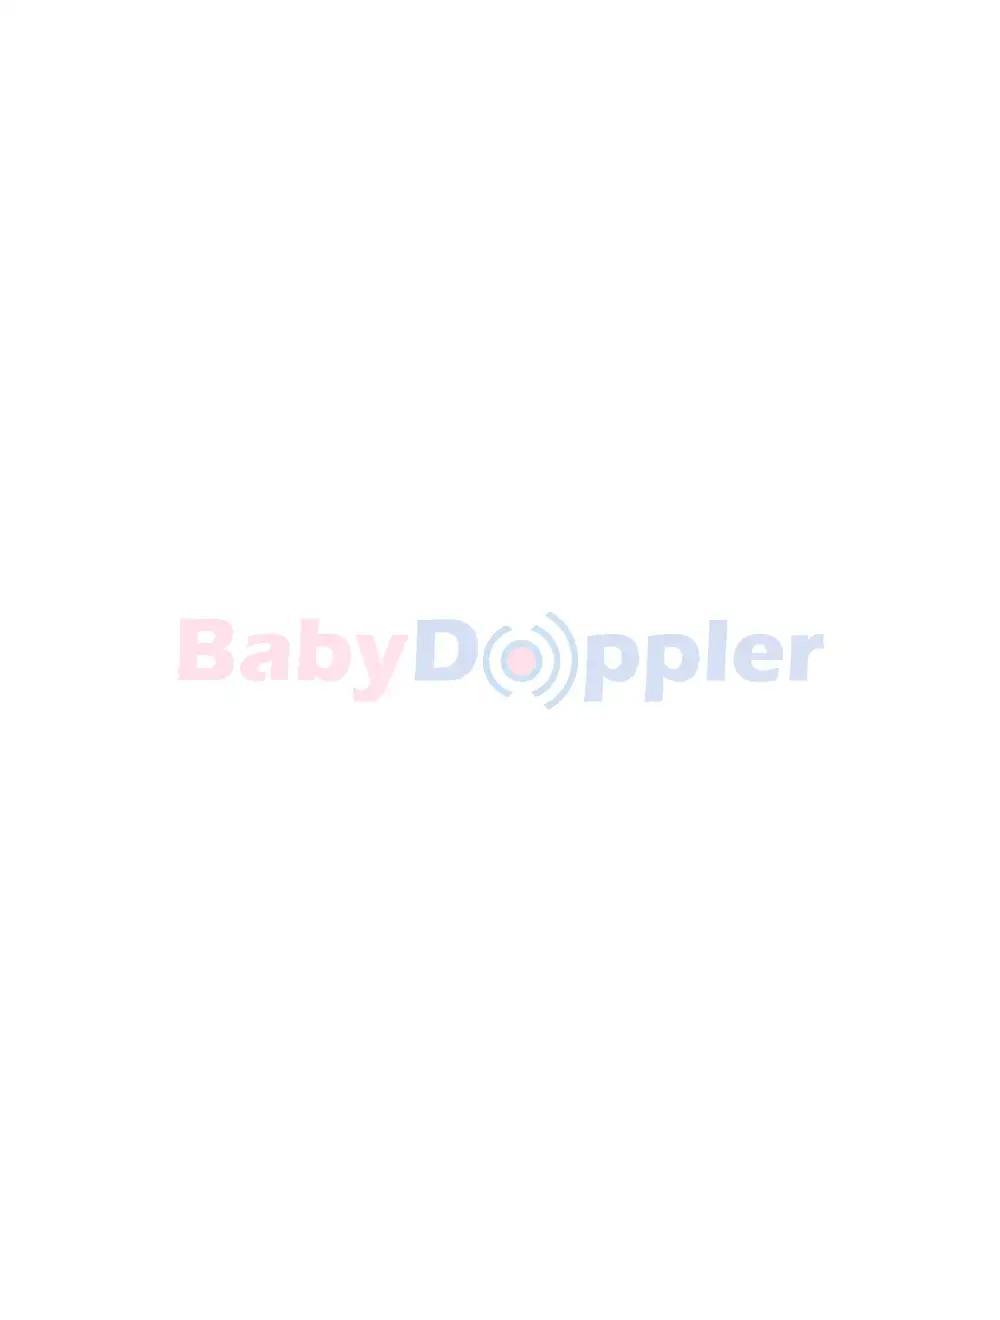 Sonoline B - Baby Heartbeat Tracker